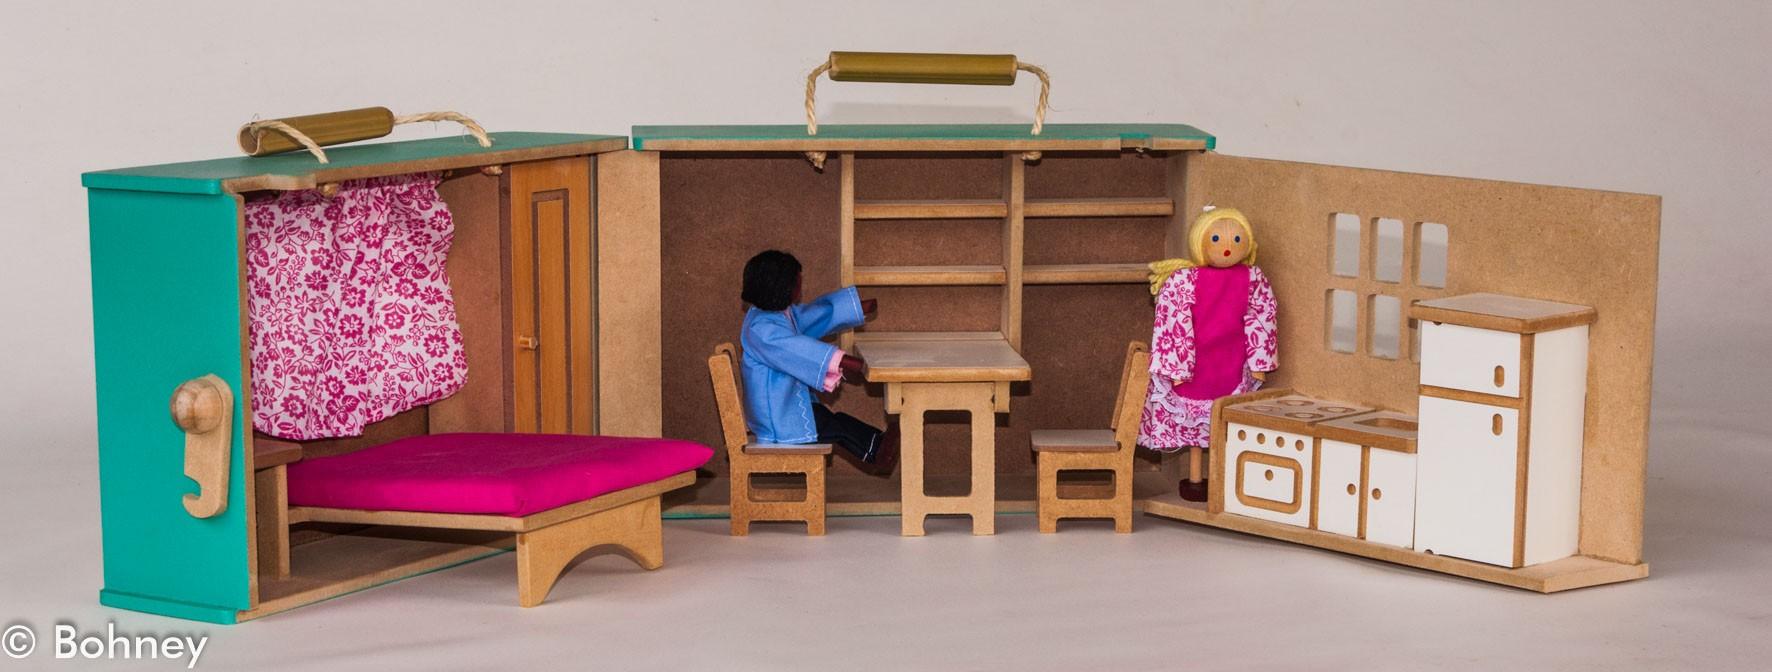 Casinha de Boneca Maleta com Mobília